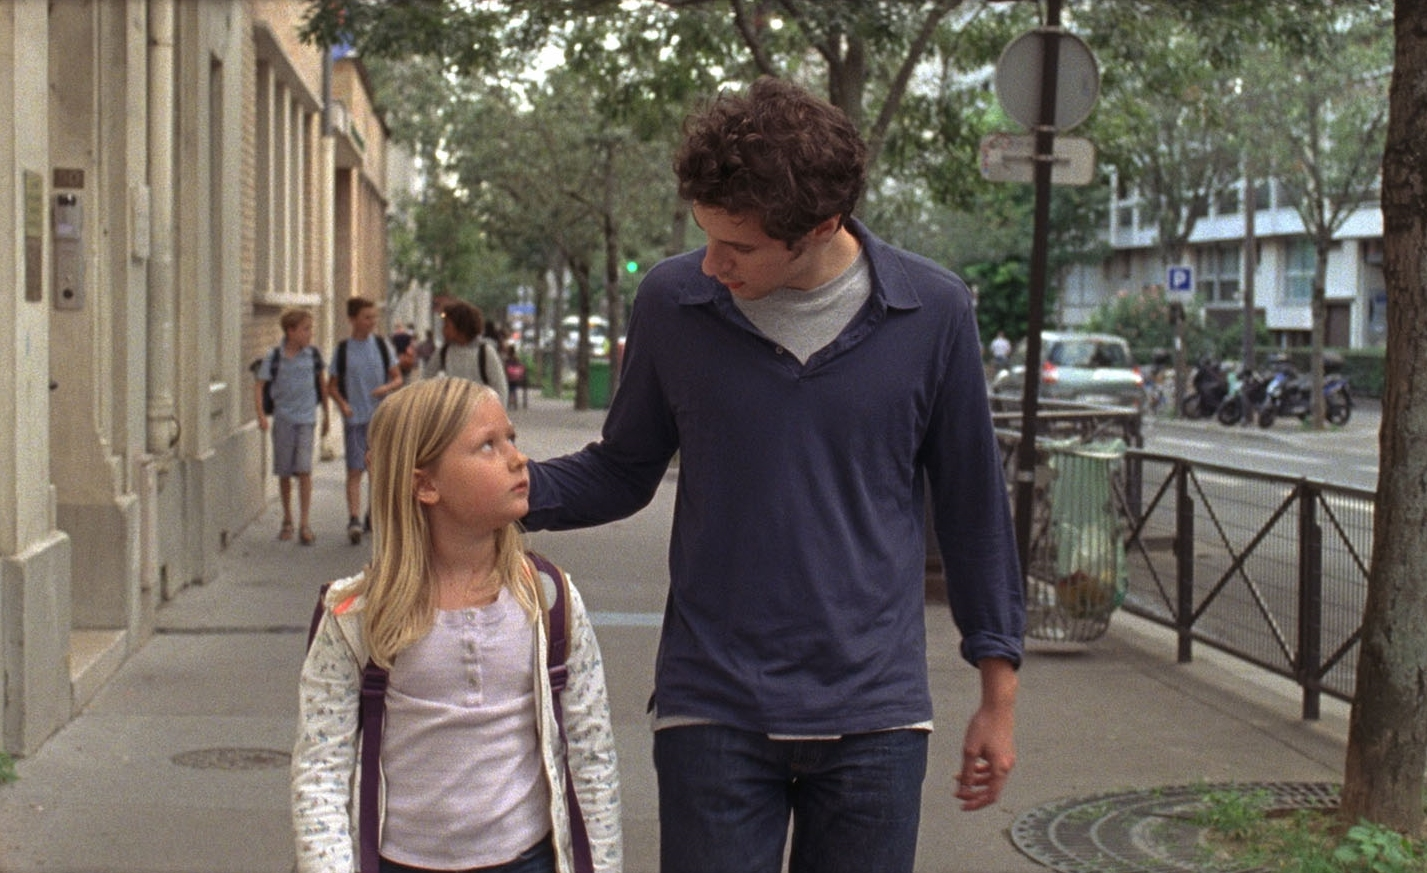 Na zawsze razem - francuski dramat o życiu po stracie najbliższych. W kinach od 30 sierpnia